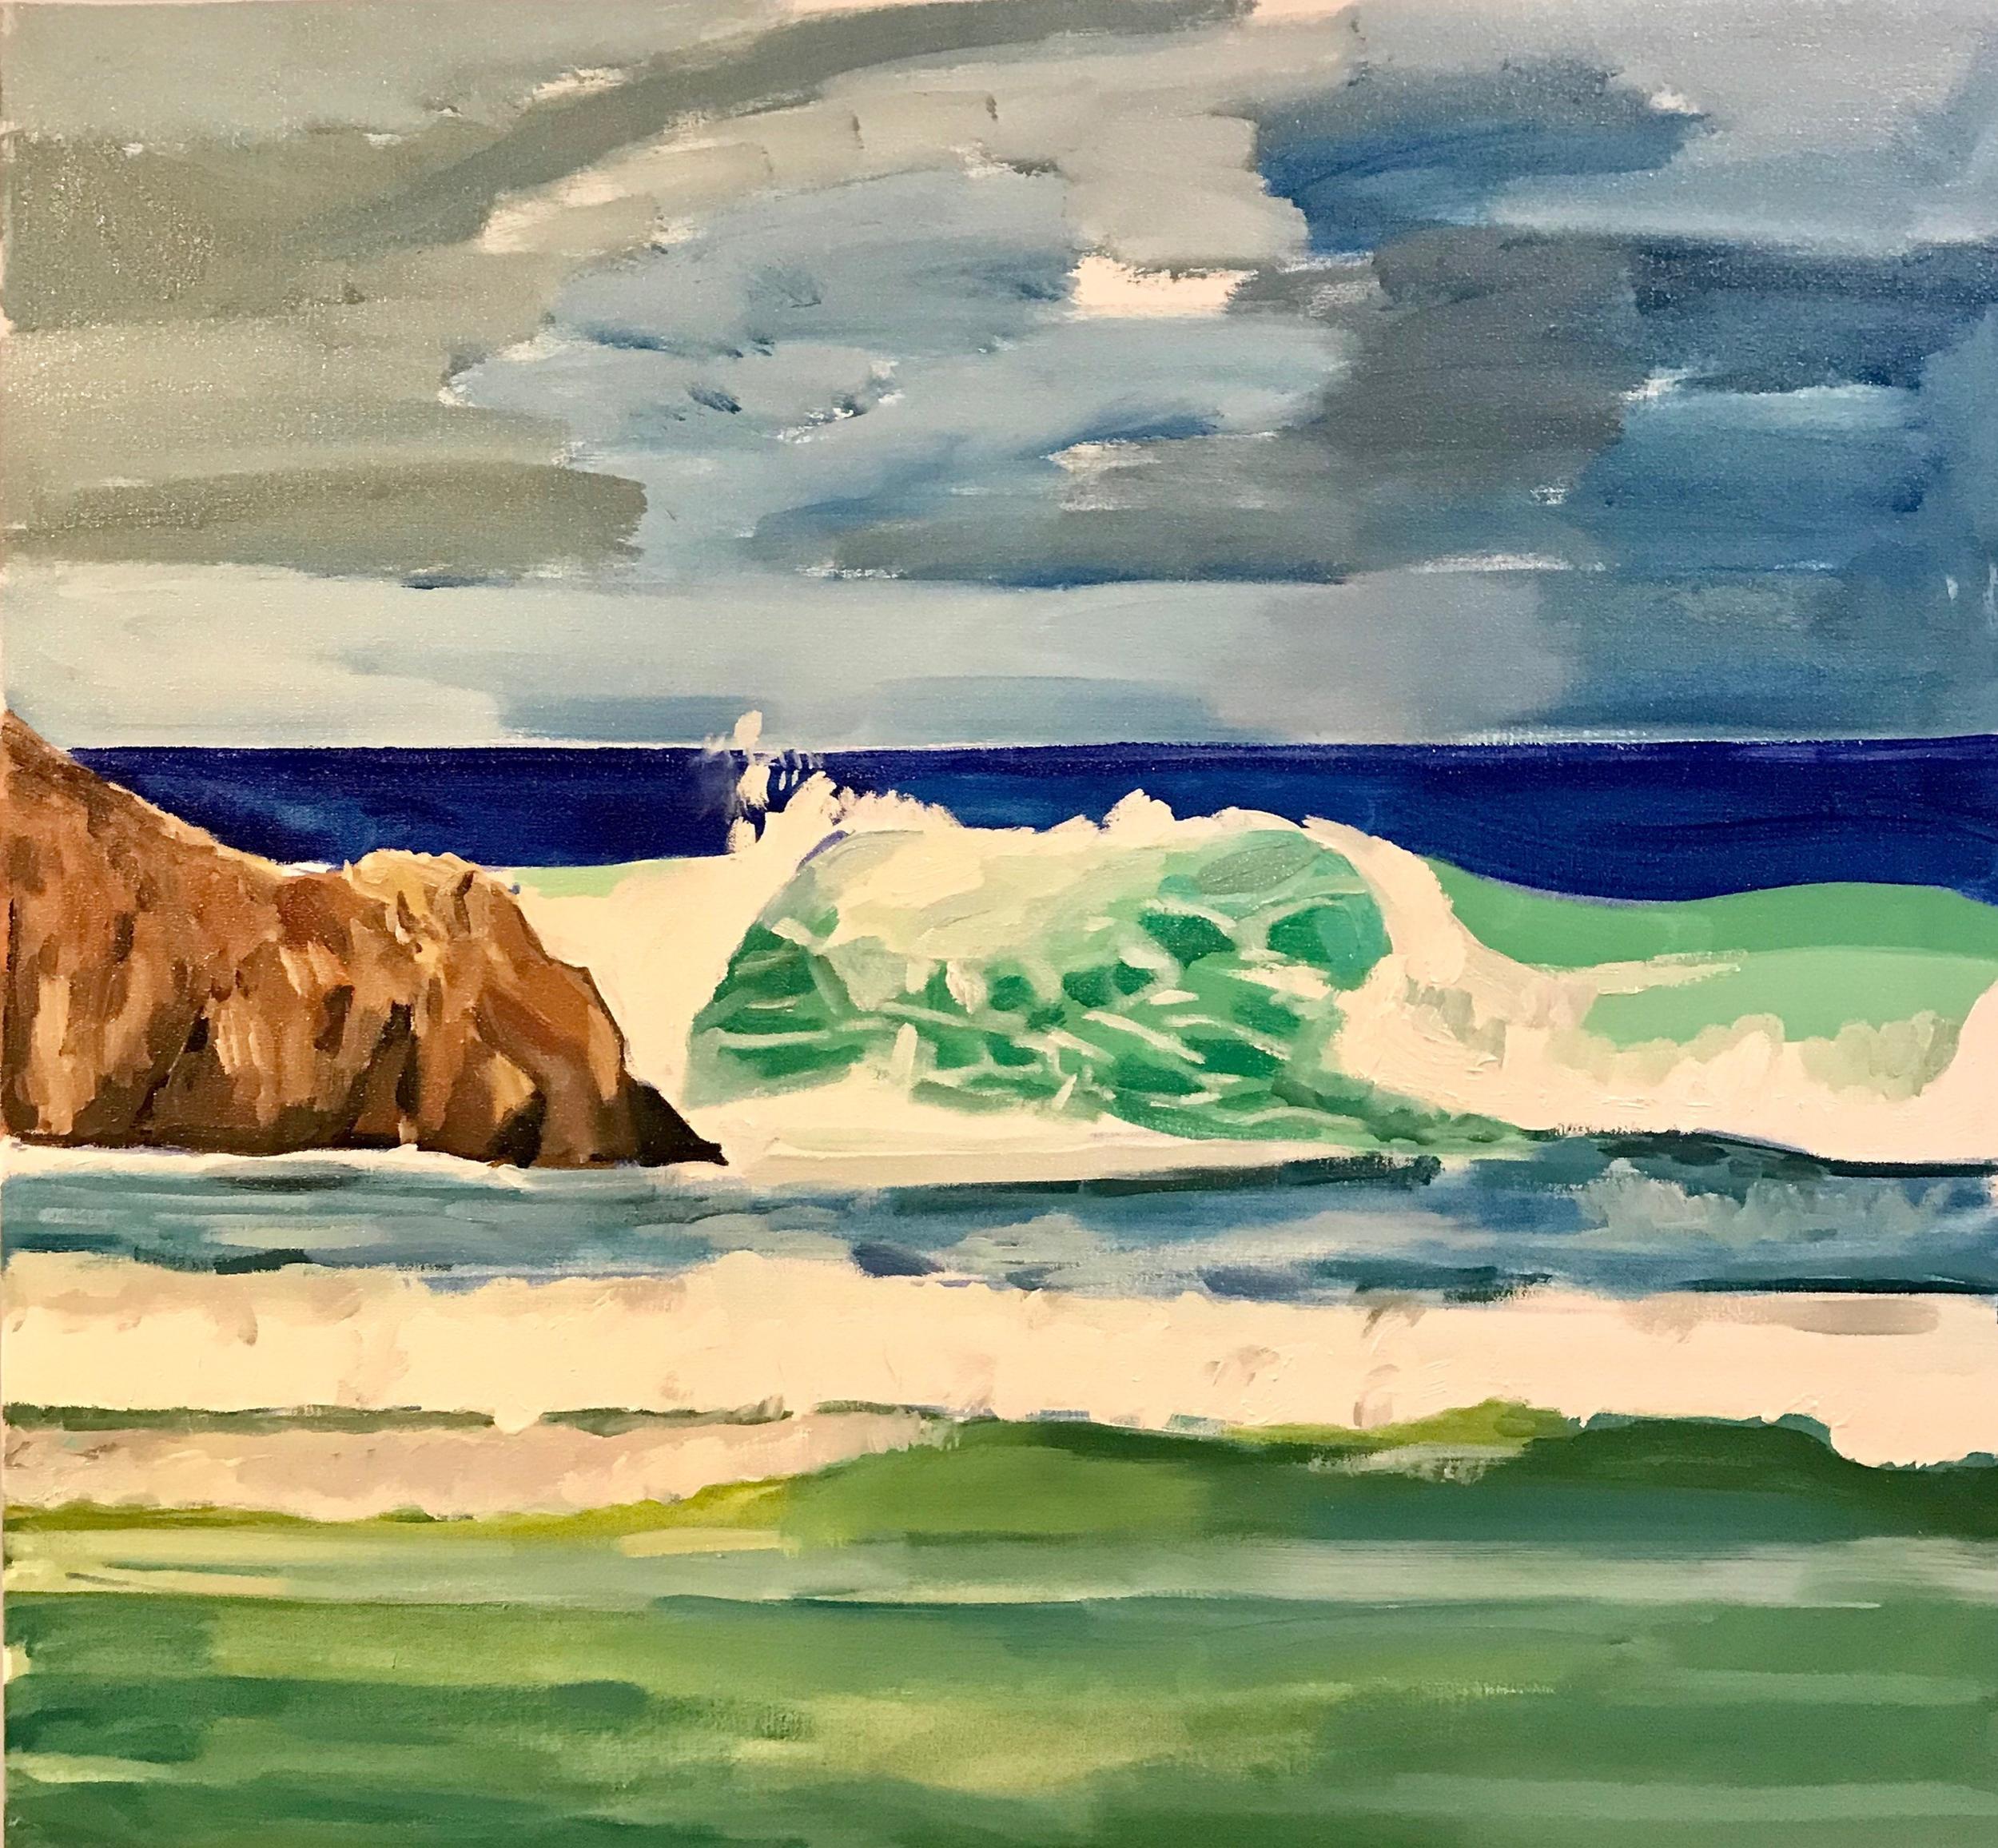 Autumn 90 x 90cm oil on canvas 2018